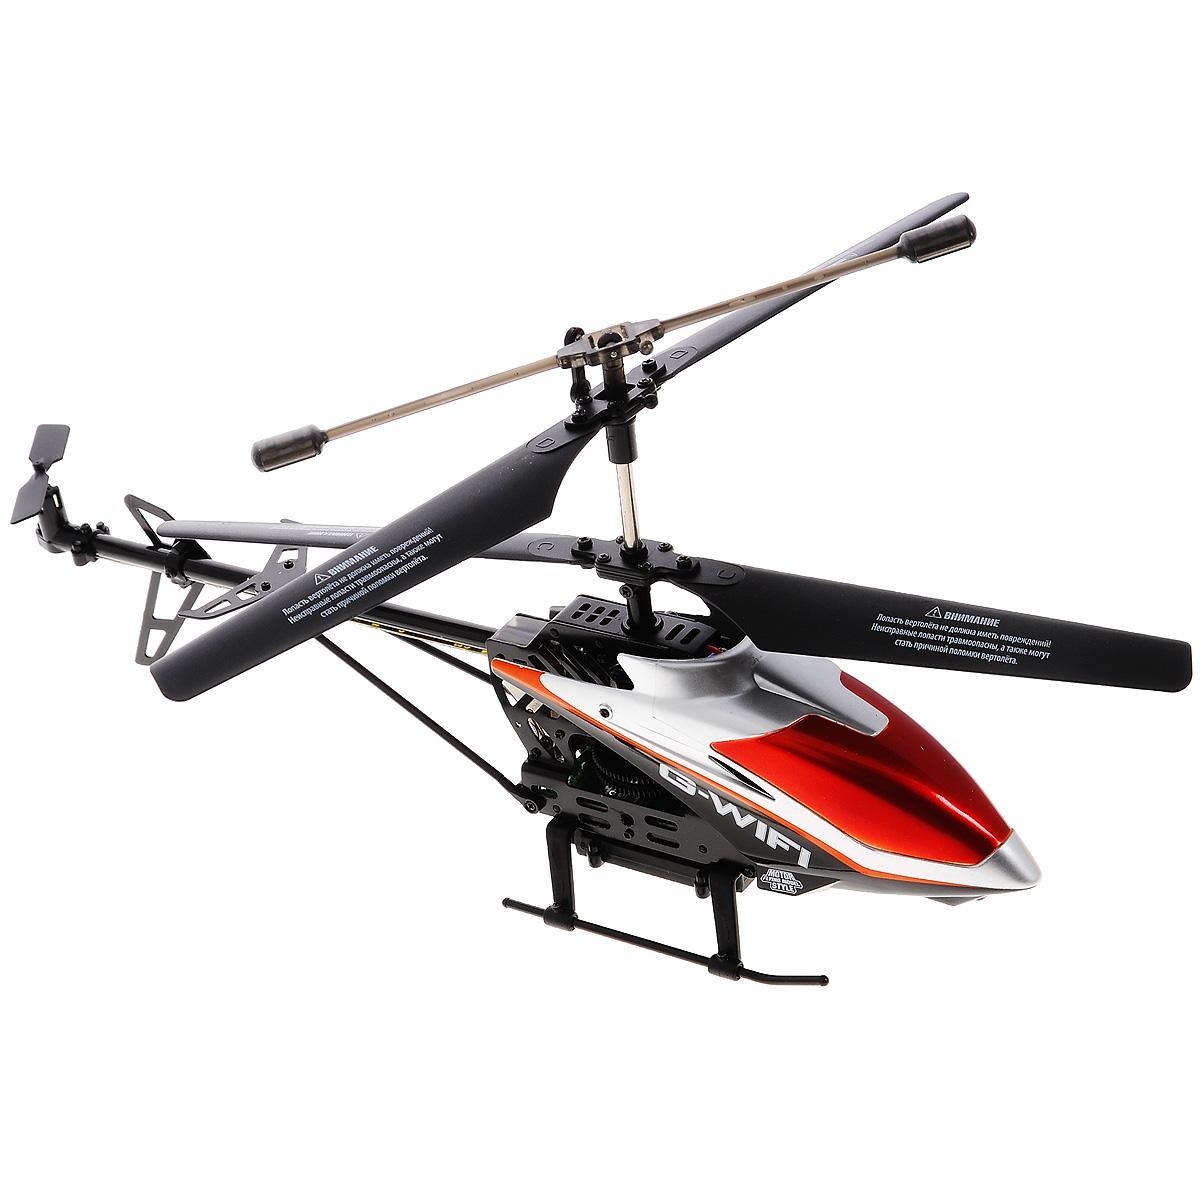 """Вертолет на радиоуправлении 1TOY """"Gyro Wi-Fi"""" со световыми эффектами оснащен встроенным гироскопом, который поможет скорректировать и устранить нежелательные вращения корпуса вертолета, благодаря чему сохранится высокая устойчивость полета, и пропорциональным триммером для выравнивания полета. Каркас вертолета выполнен из пластика с использованием металла. Вертолет имеет трехканальное дистанционное управление: он летает вперед, назад, восьмеркой по кругу, совершает поворот налево и направо. Отличительной особенностью вертолета """"Gyro Wi-Fi"""" является то, что он управляется не с помощью пульта управления, а с помощью любого устройства iPhone, iPod touch или iPad. Модель вертолета идеально подходит для игры внутри помещения. Каждый полет вертолета будет максимально комфортным и принесет вам яркие впечатления!"""